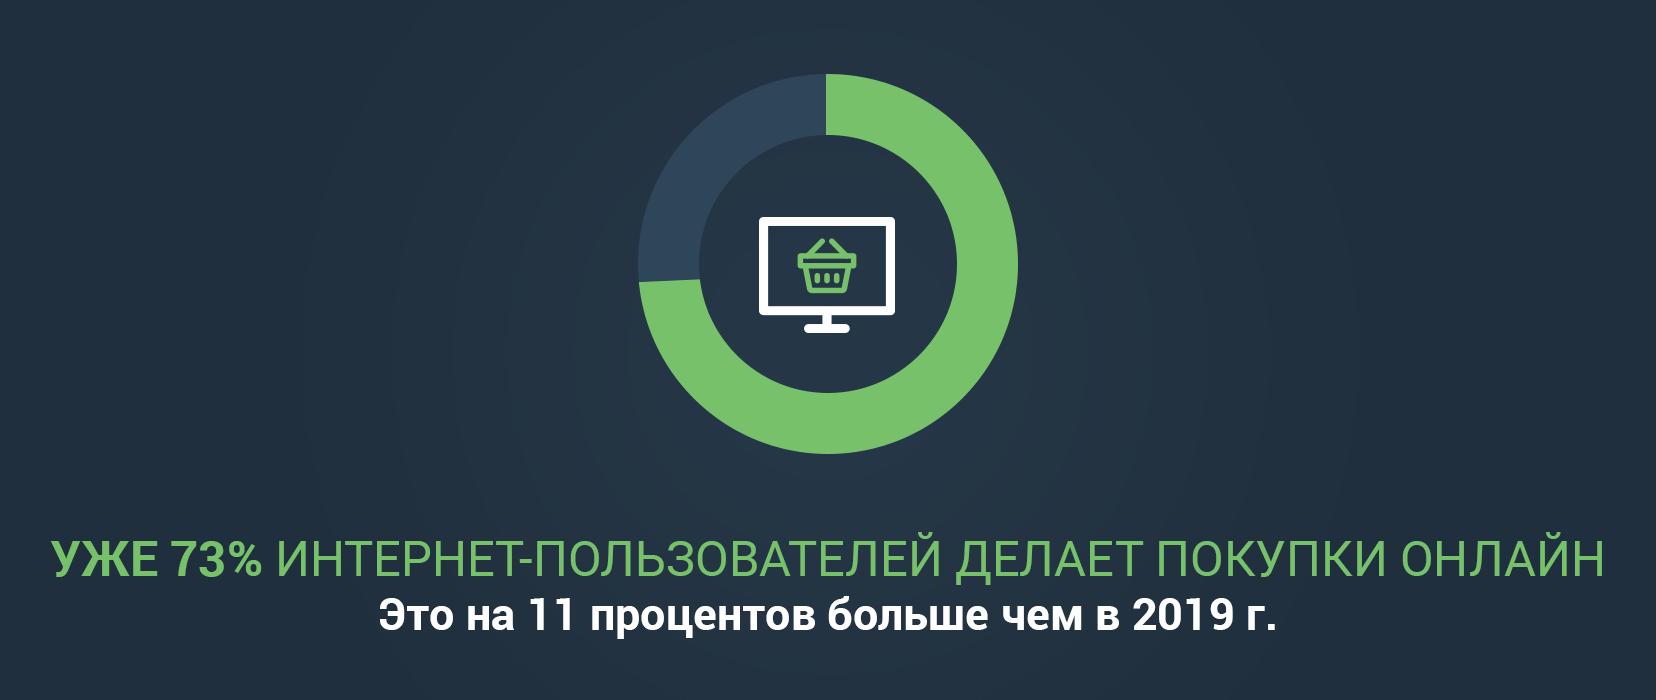 shops-online.png